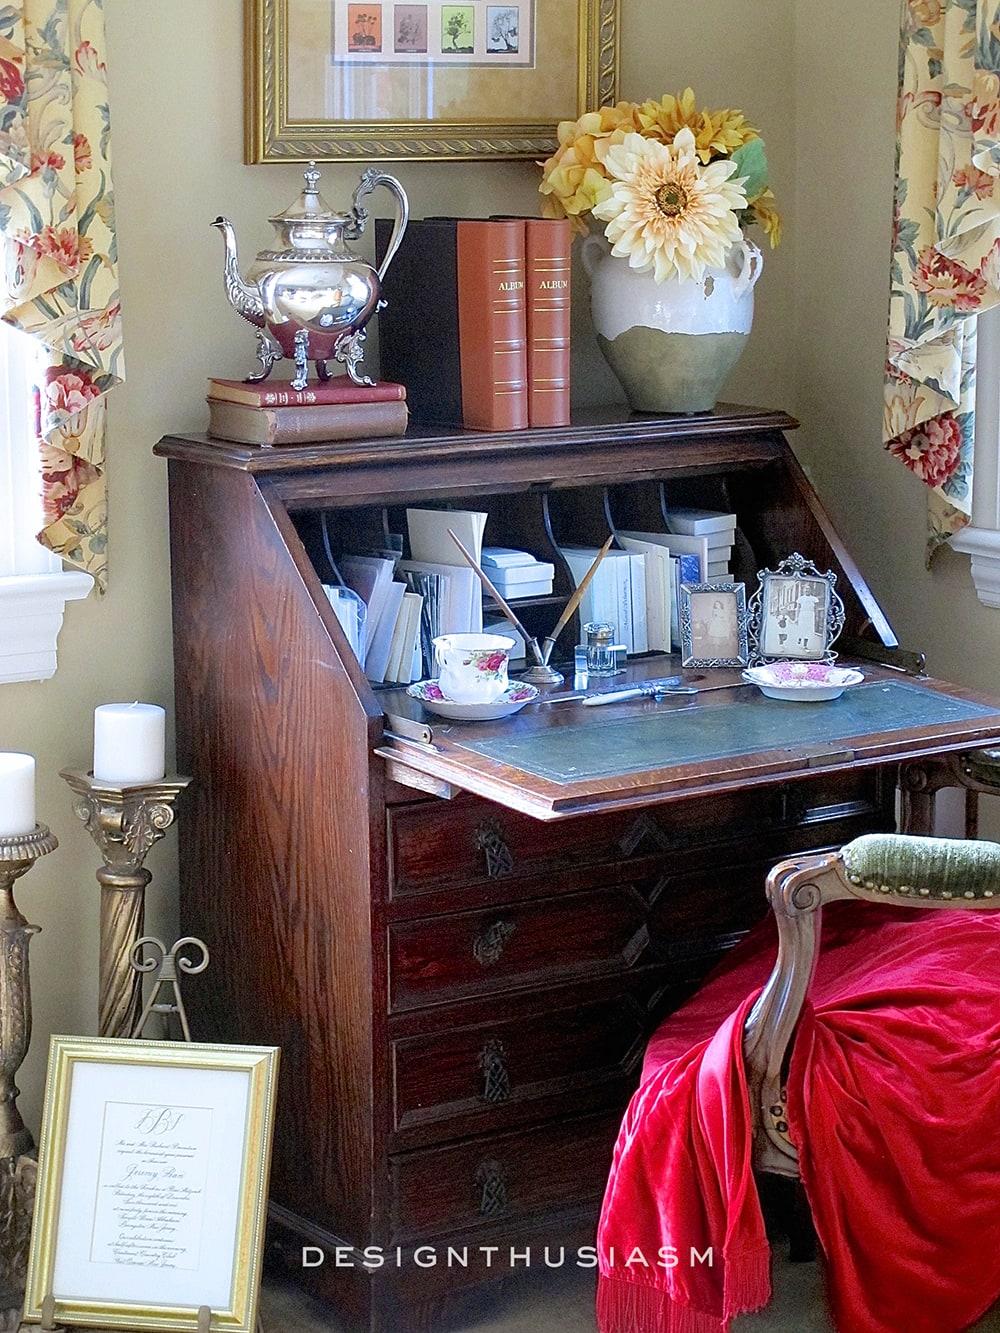 Family Room   Family House Tour   Designthusiasm.com